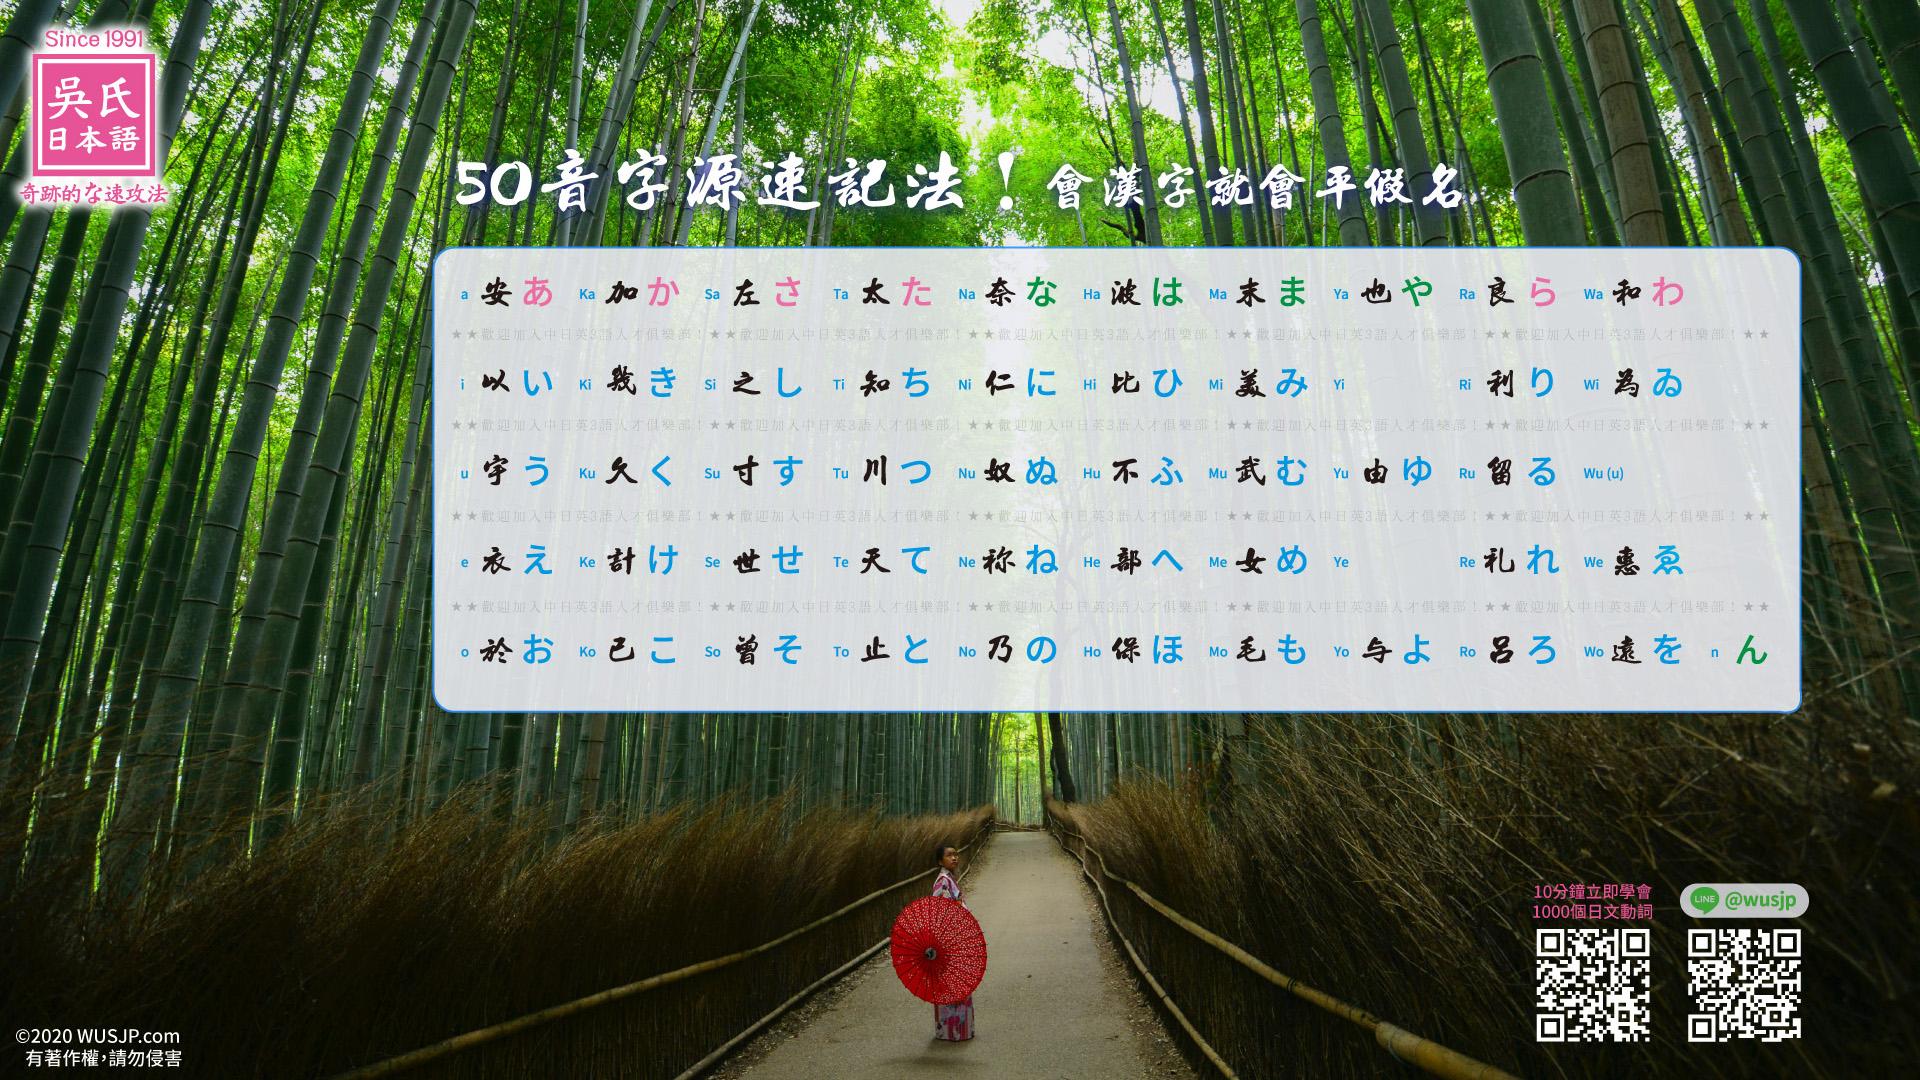 50音字源表桌布